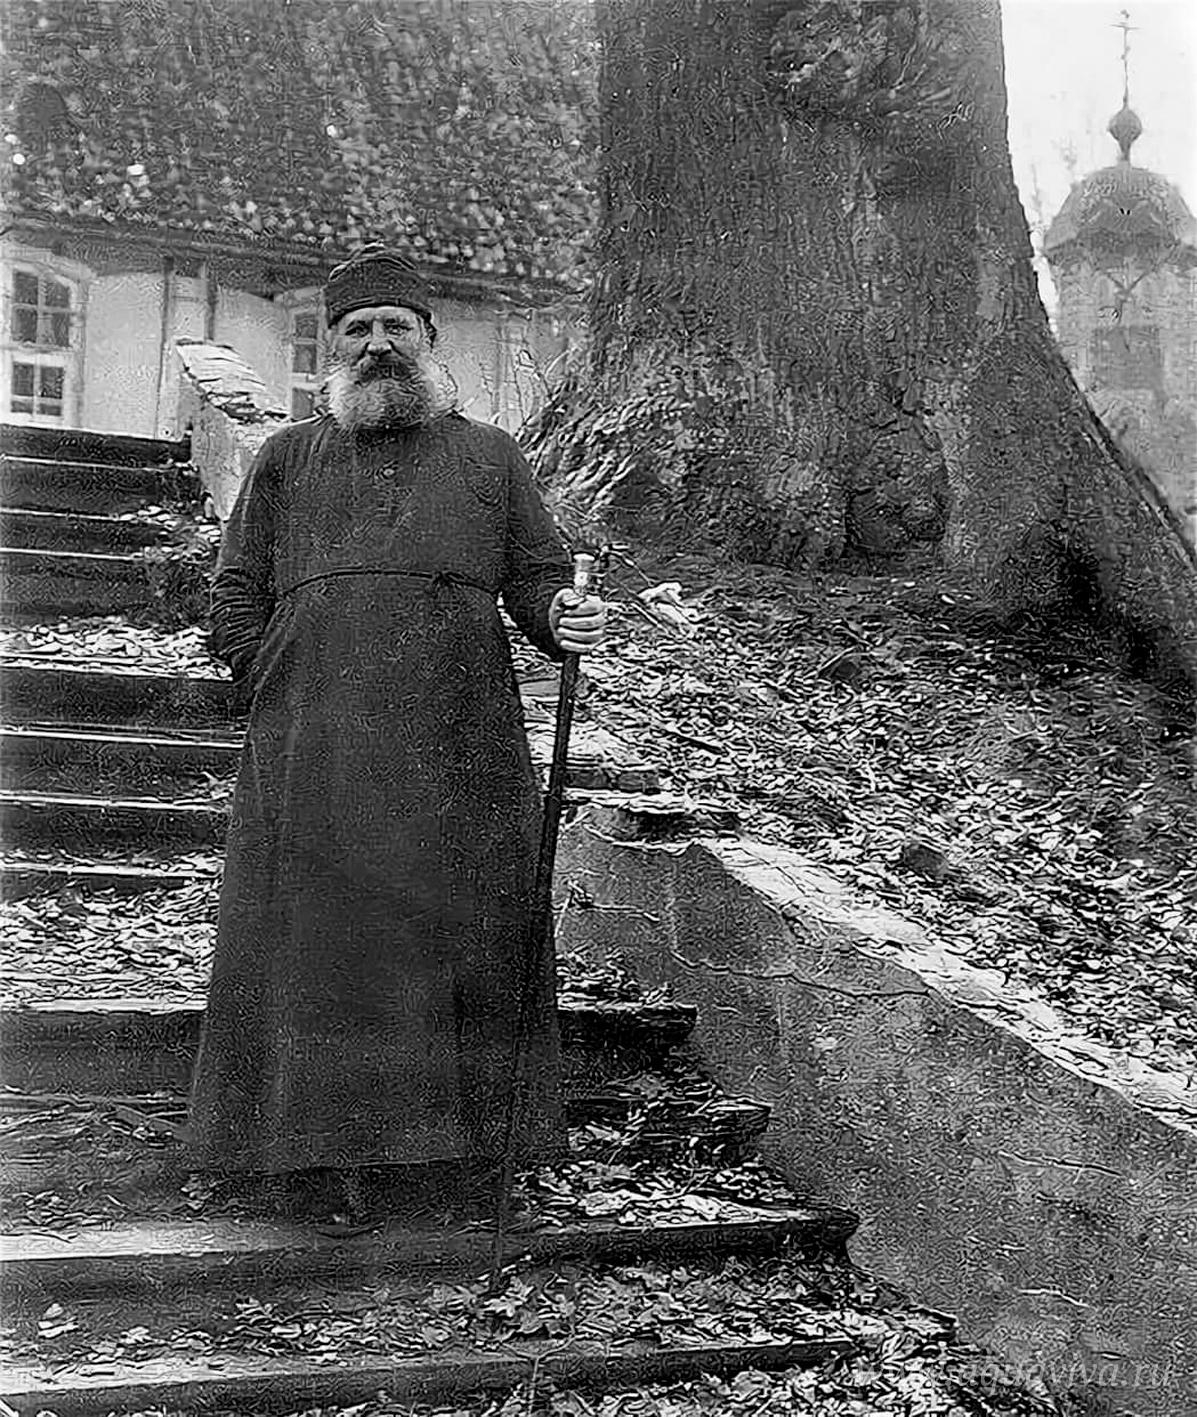 Архиепископ Рижский и всея Латвии, священномученик Иоанн (Поммер) (1876–1934) на своей даче Эйхенберг (Озолкалнс), под Ригой